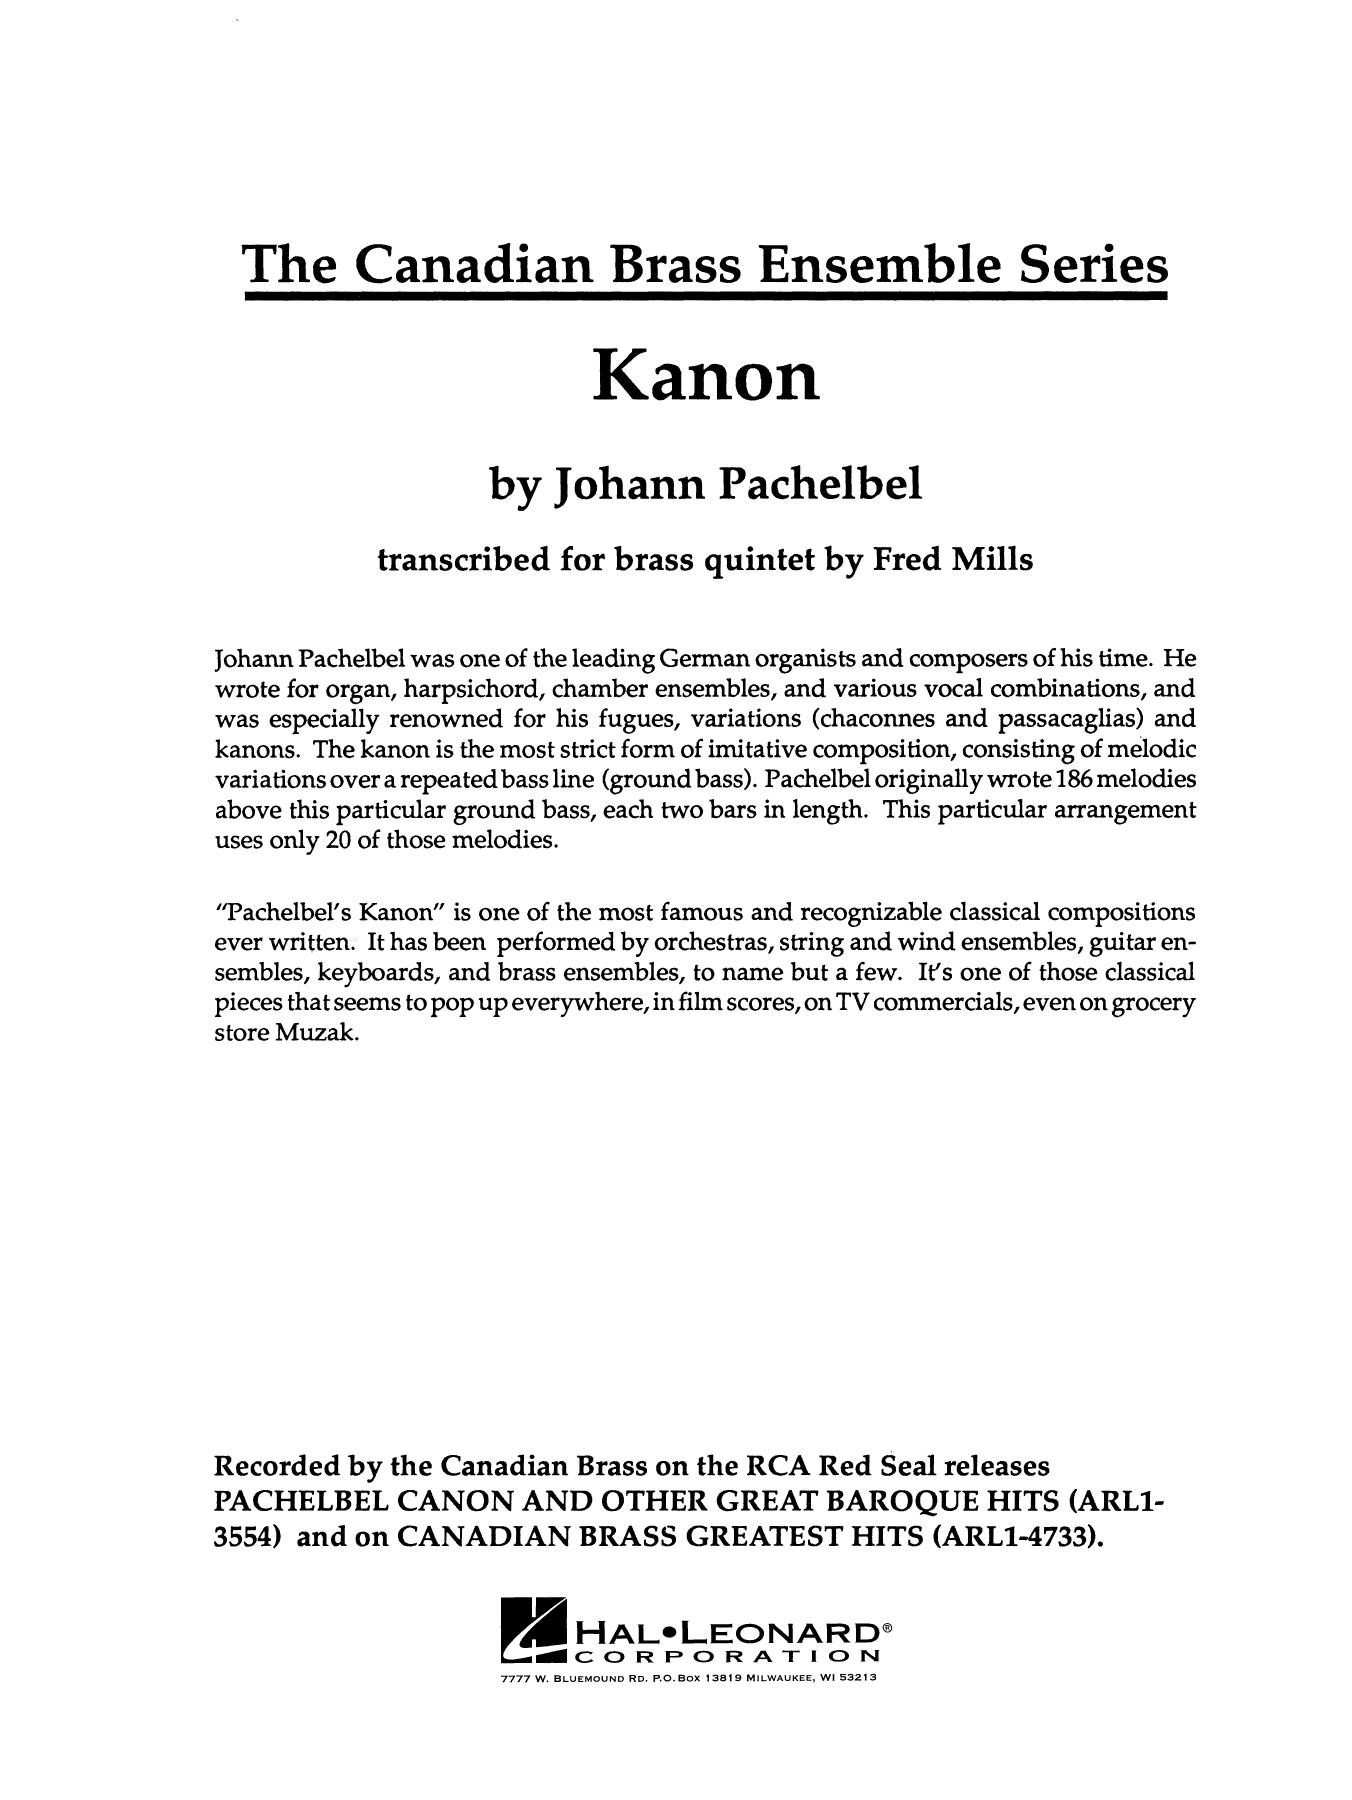 Kanon - Full Score Sheet Music